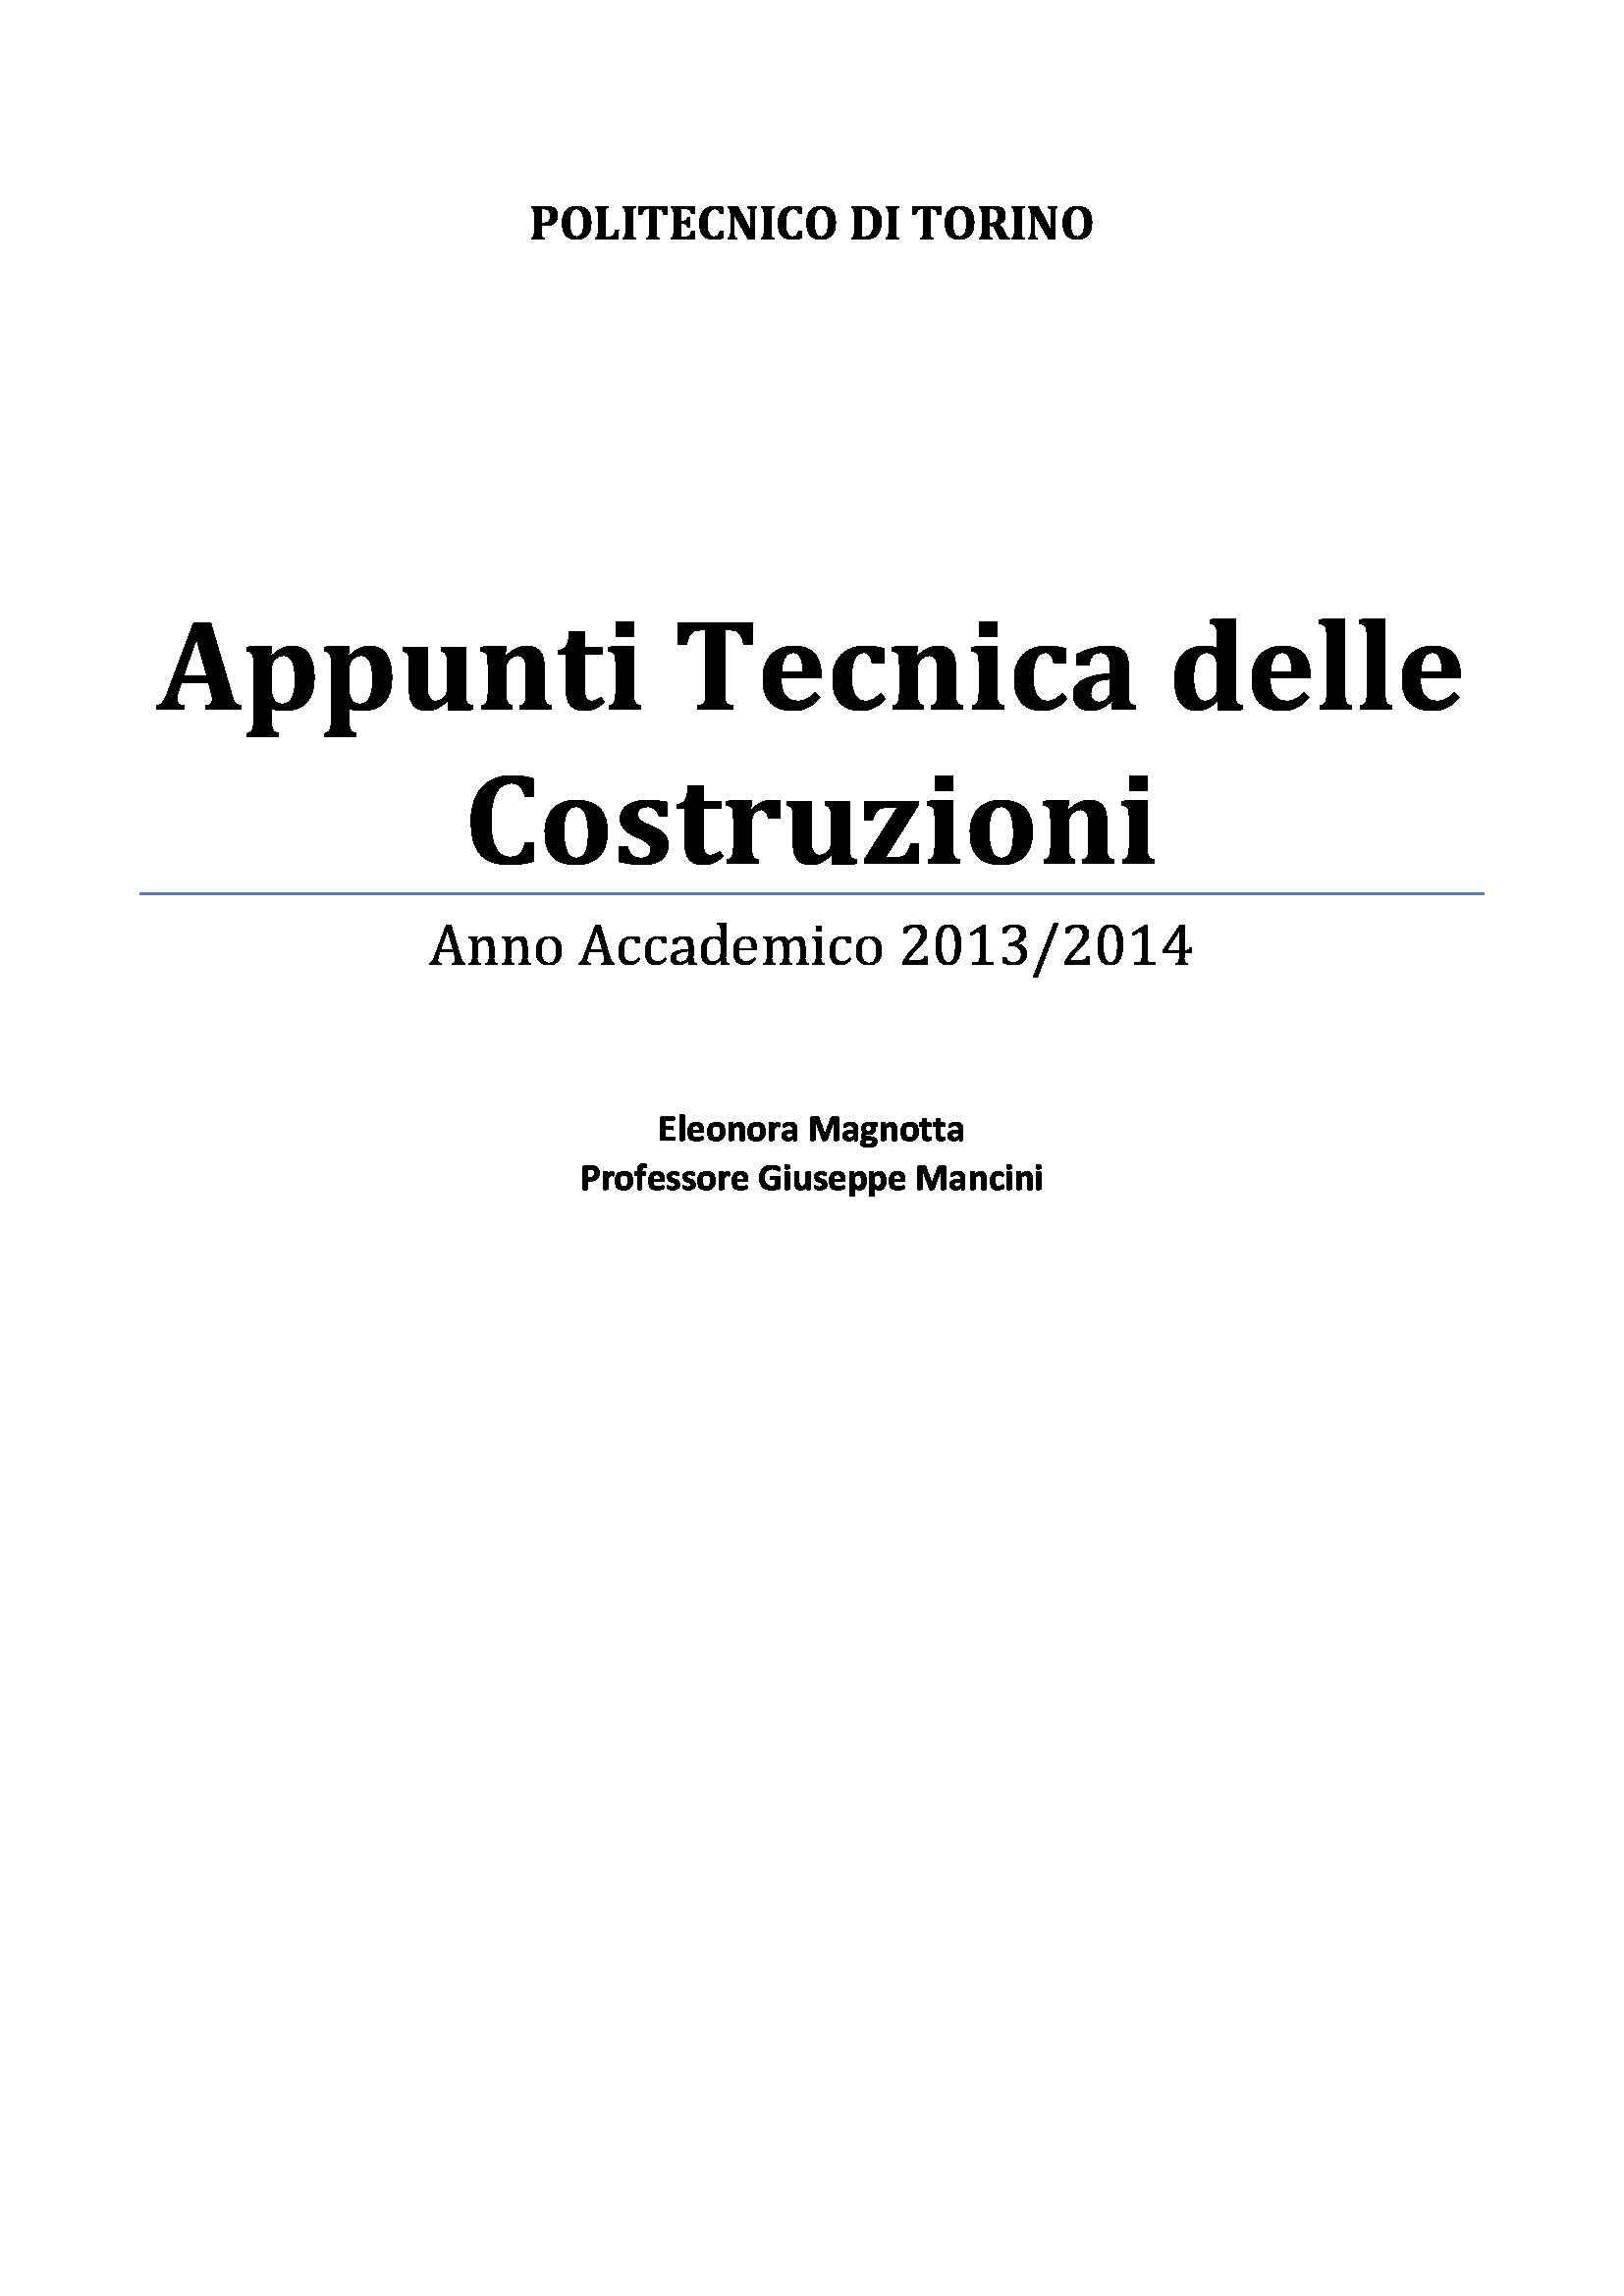 appunto G. Mancini Tecnica delle costruzioni